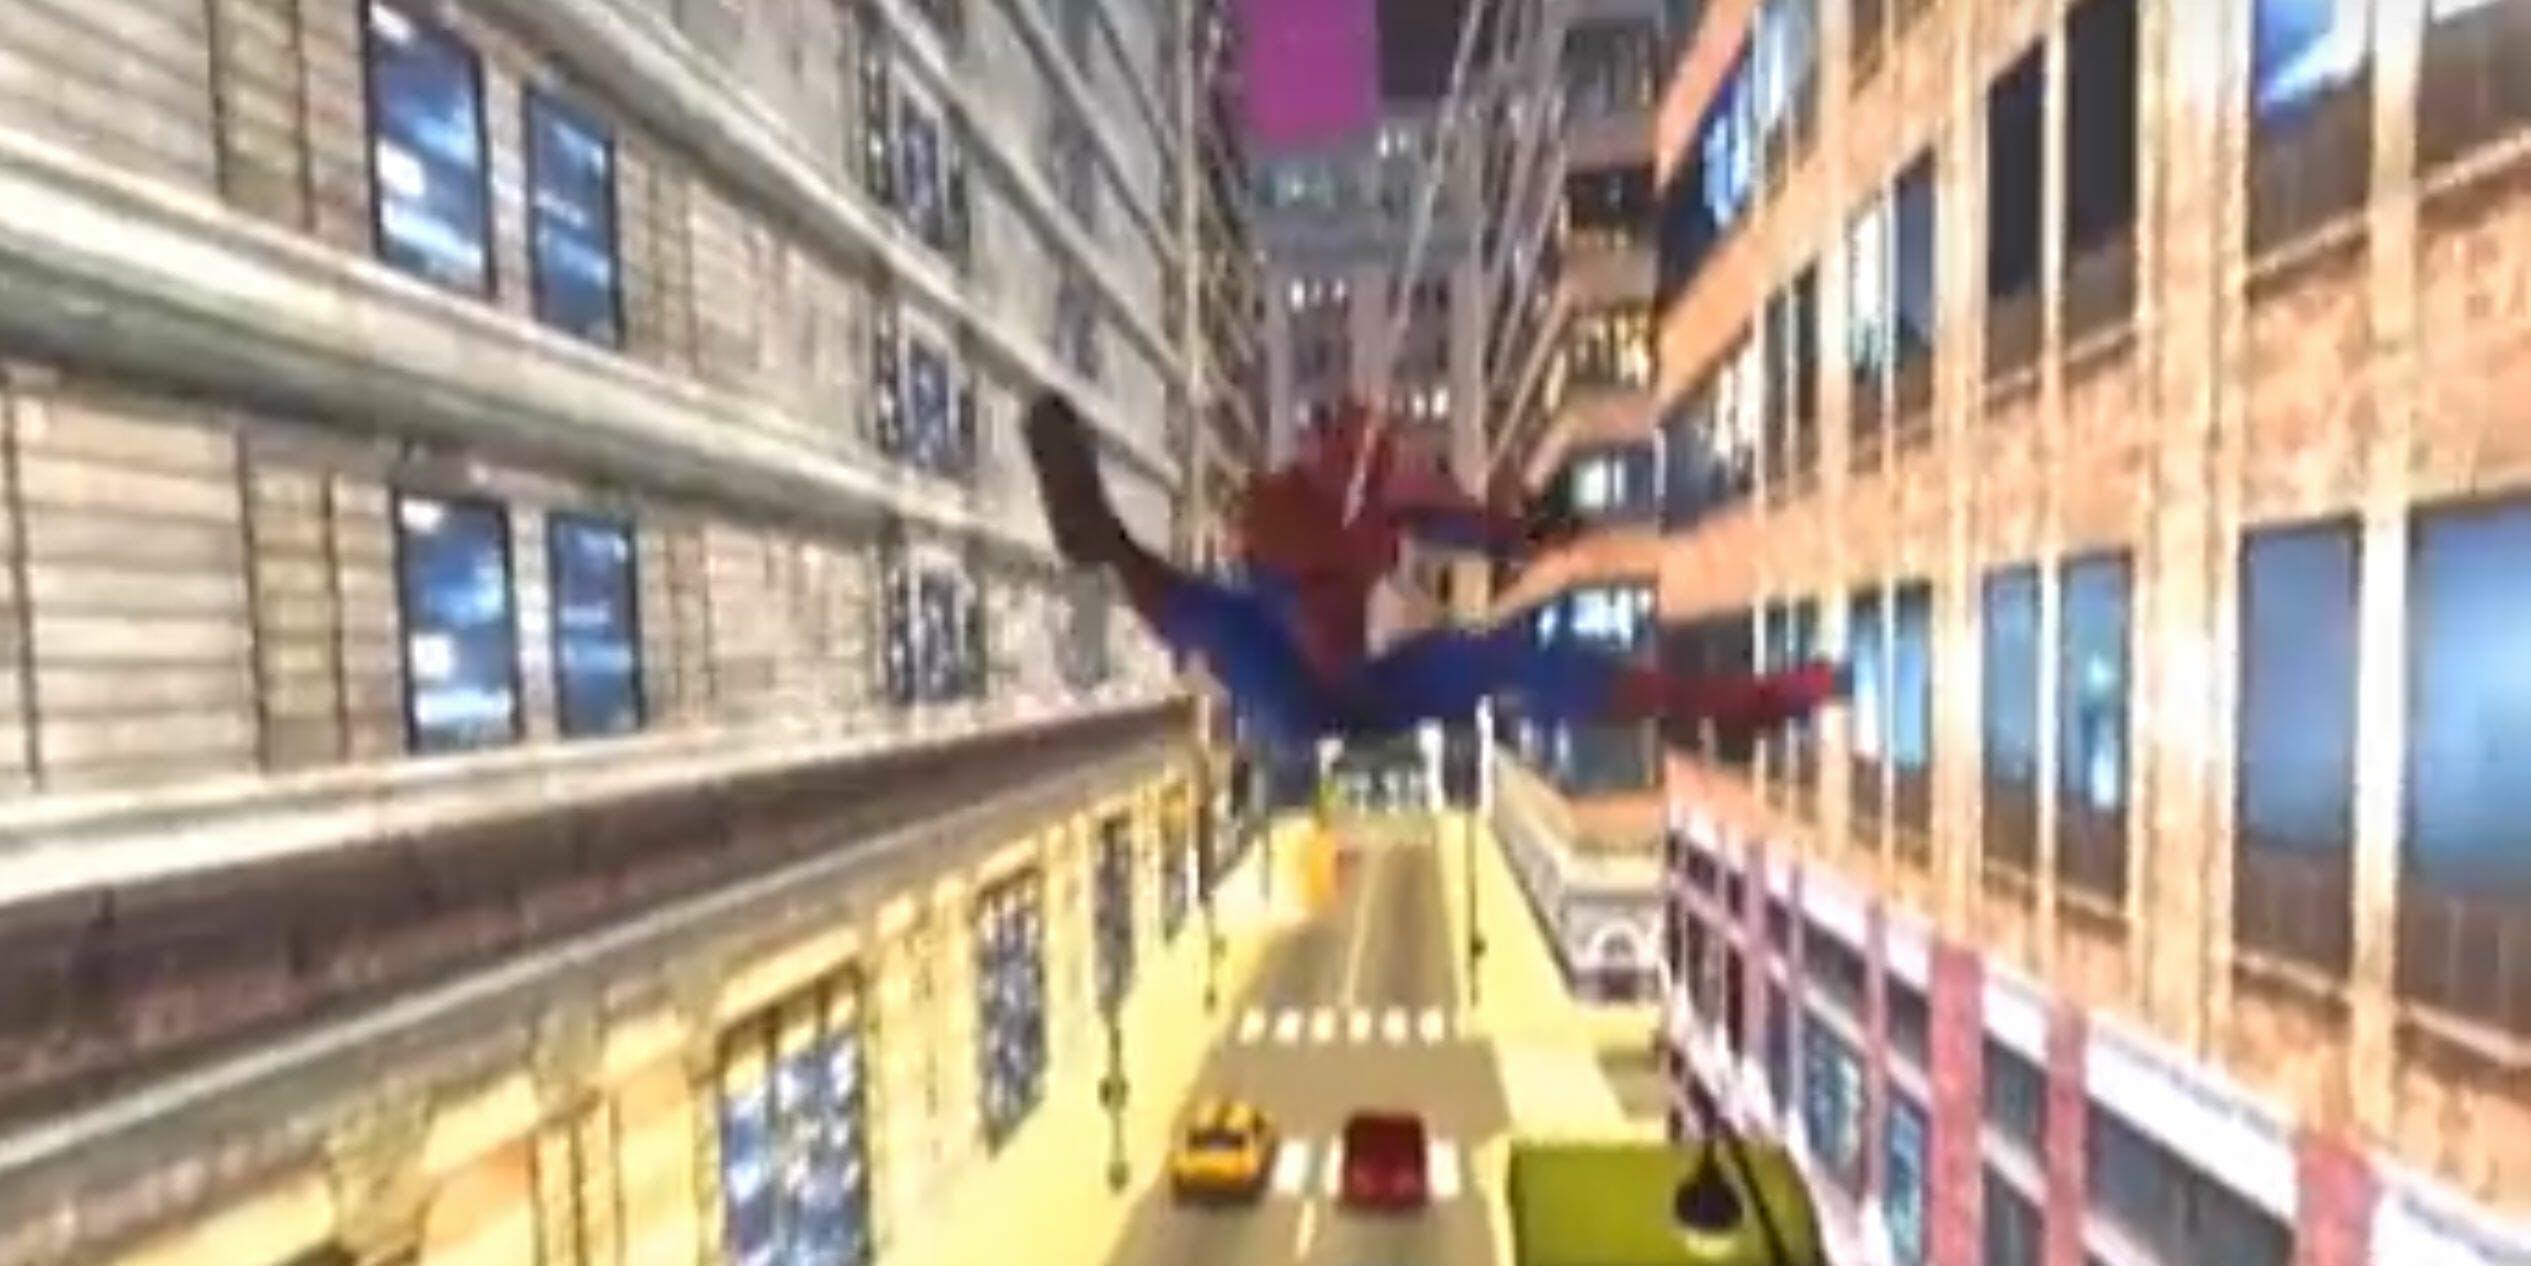 spiderman games : spider man 2